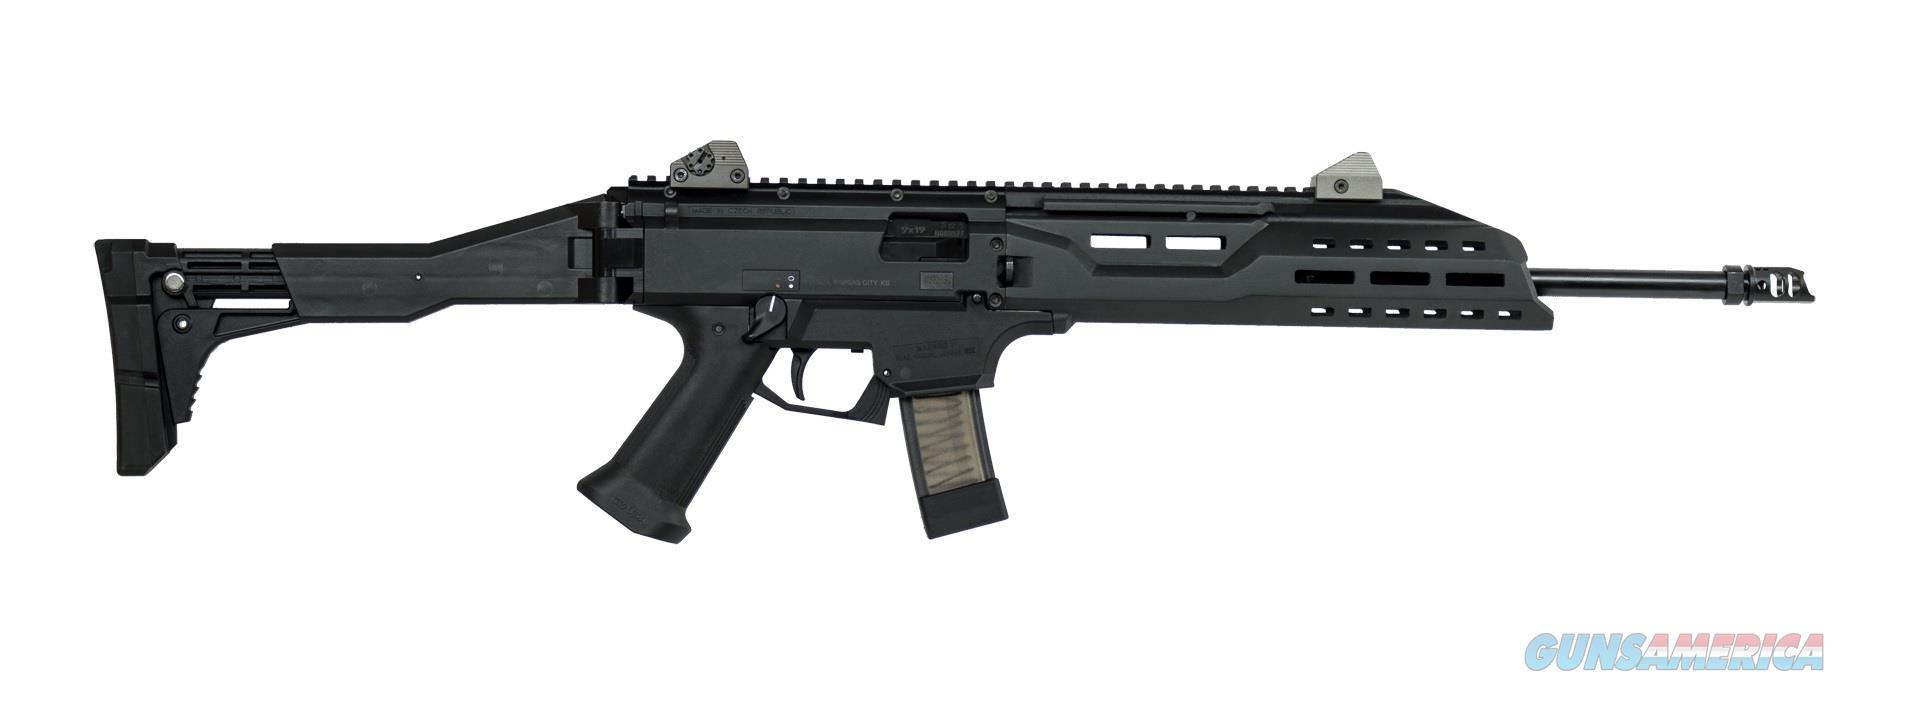 CZ-USA Scorpion EVO 3 S1 Carbine w/Muzzle Brake 9mm Luger 08505   Guns > Rifles > CZ Rifles